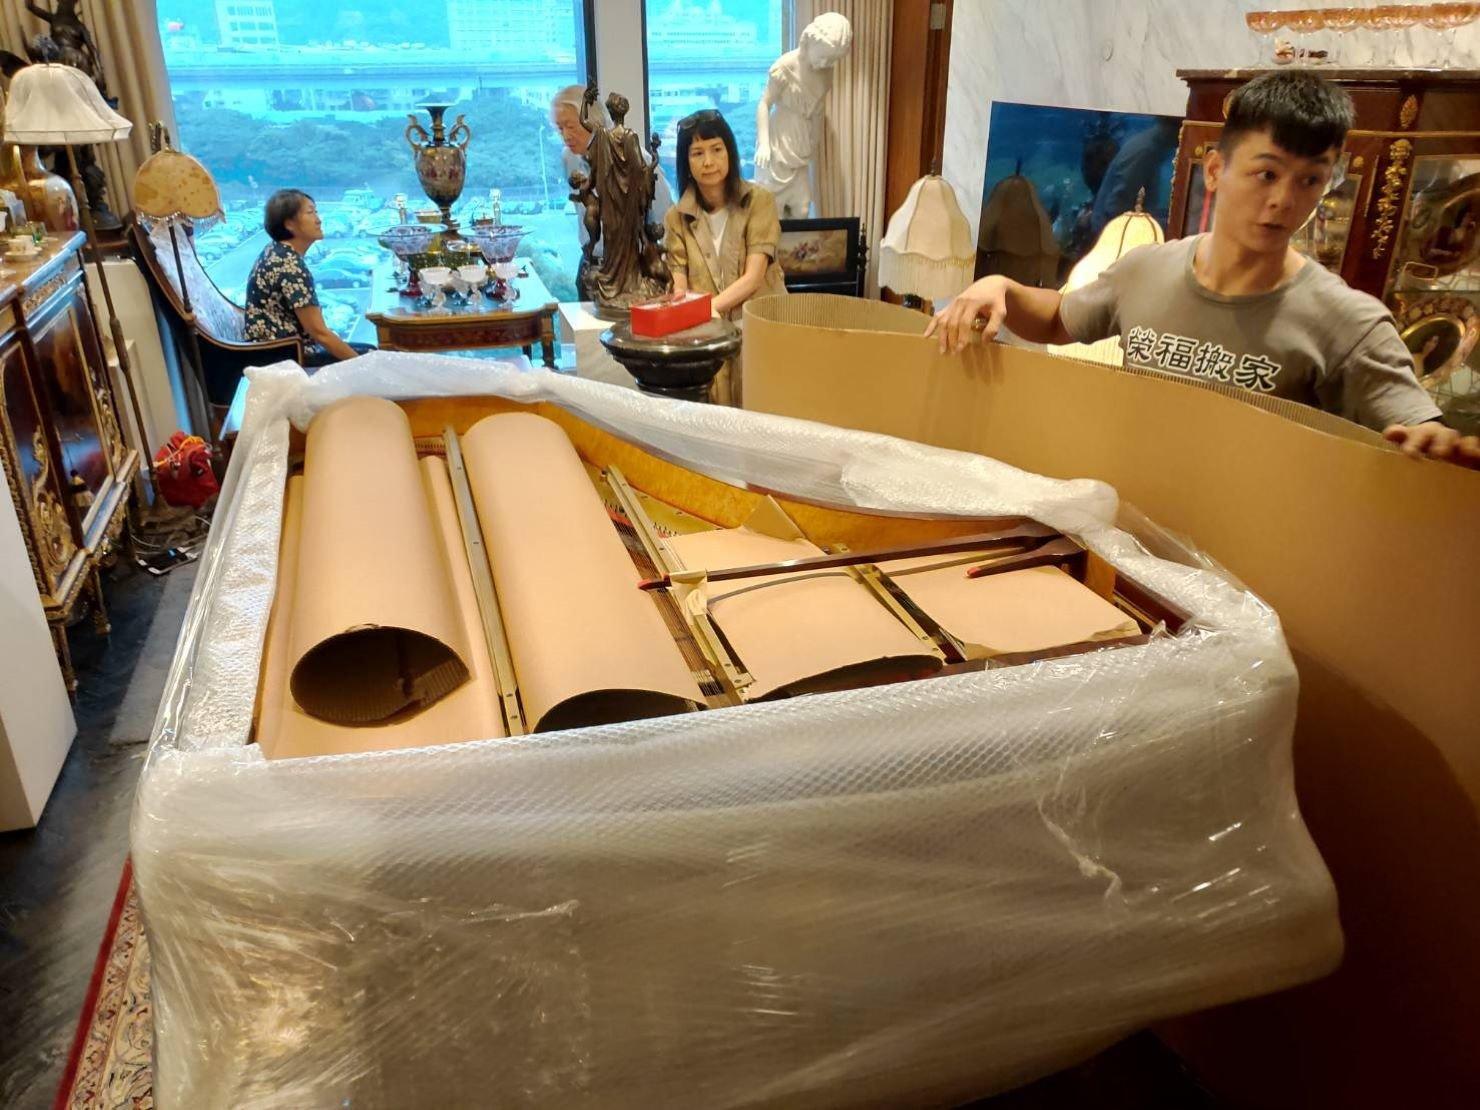 鋼琴搬運【榮福搬家公司】搬鋼琴、搬三角琴、口碑第一、台北搬家:YAMAHA鋼琴或三角琴內部琴弦包裝防護-以瓦楞紙做裁剪後再包覆。